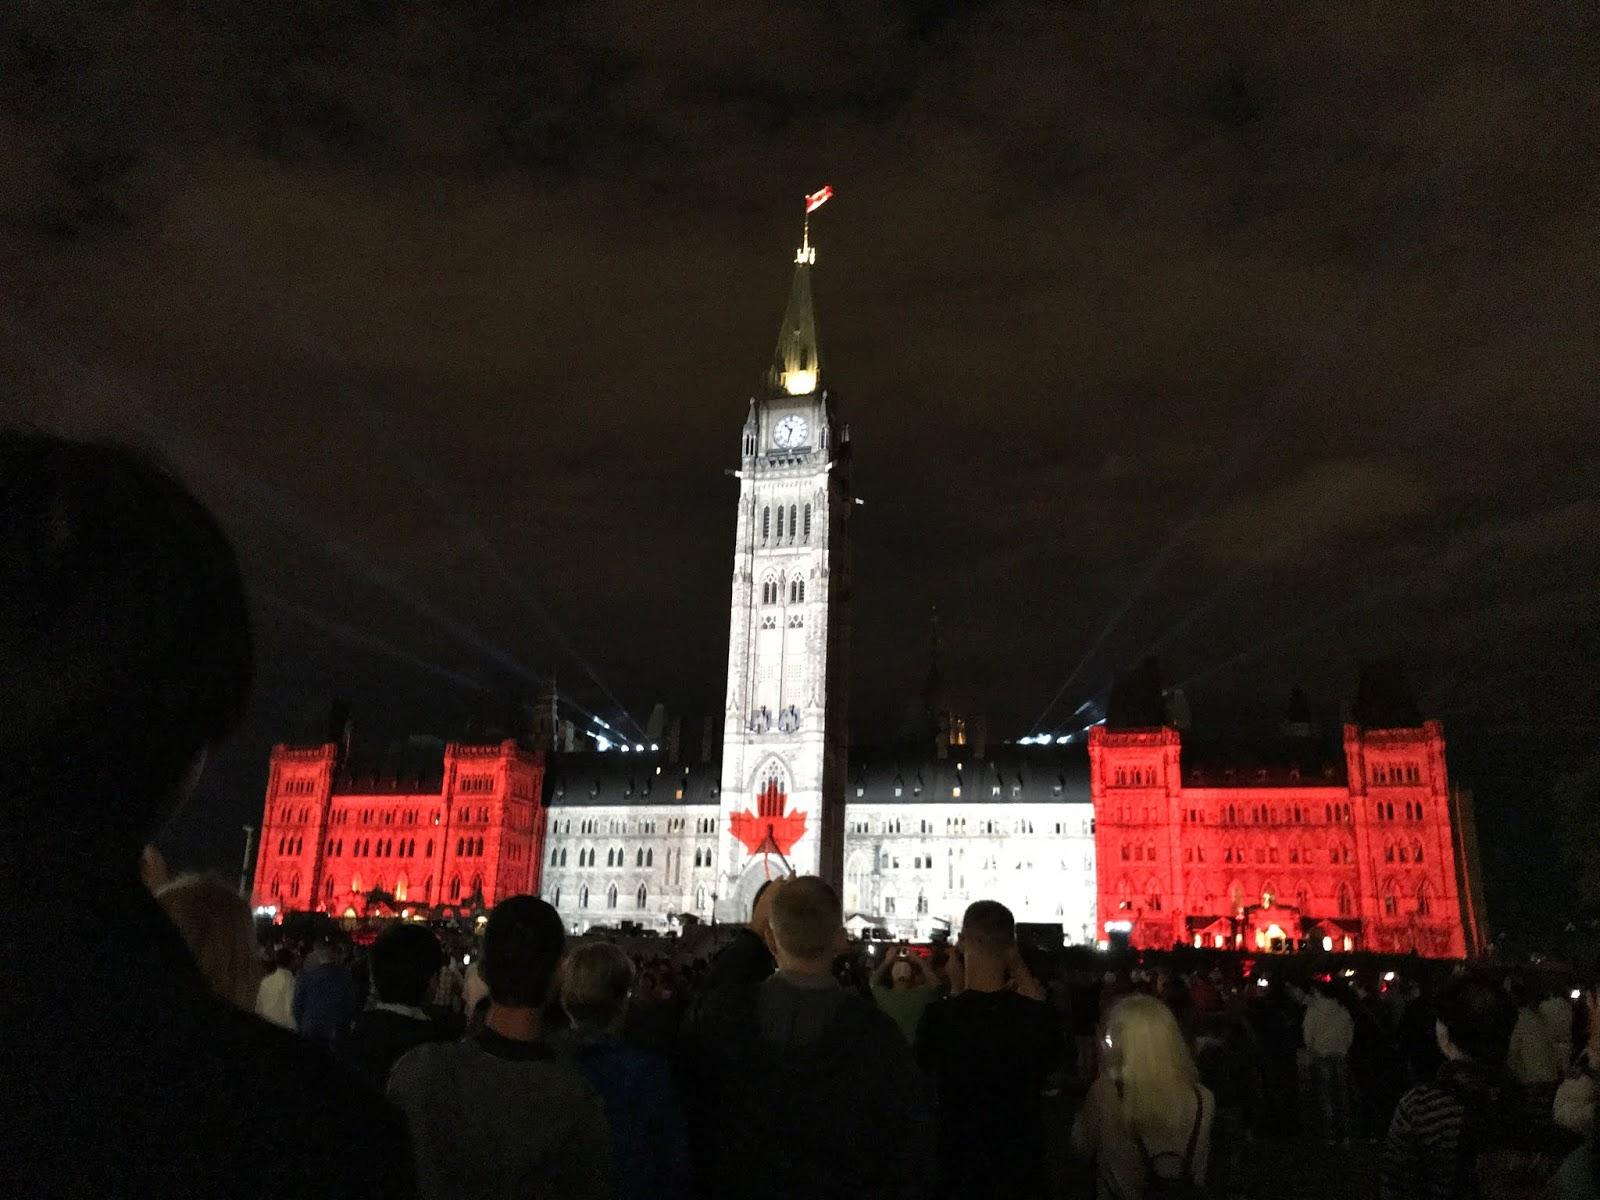 canada day light show parliament hill, ottawa lights, ottawa at night